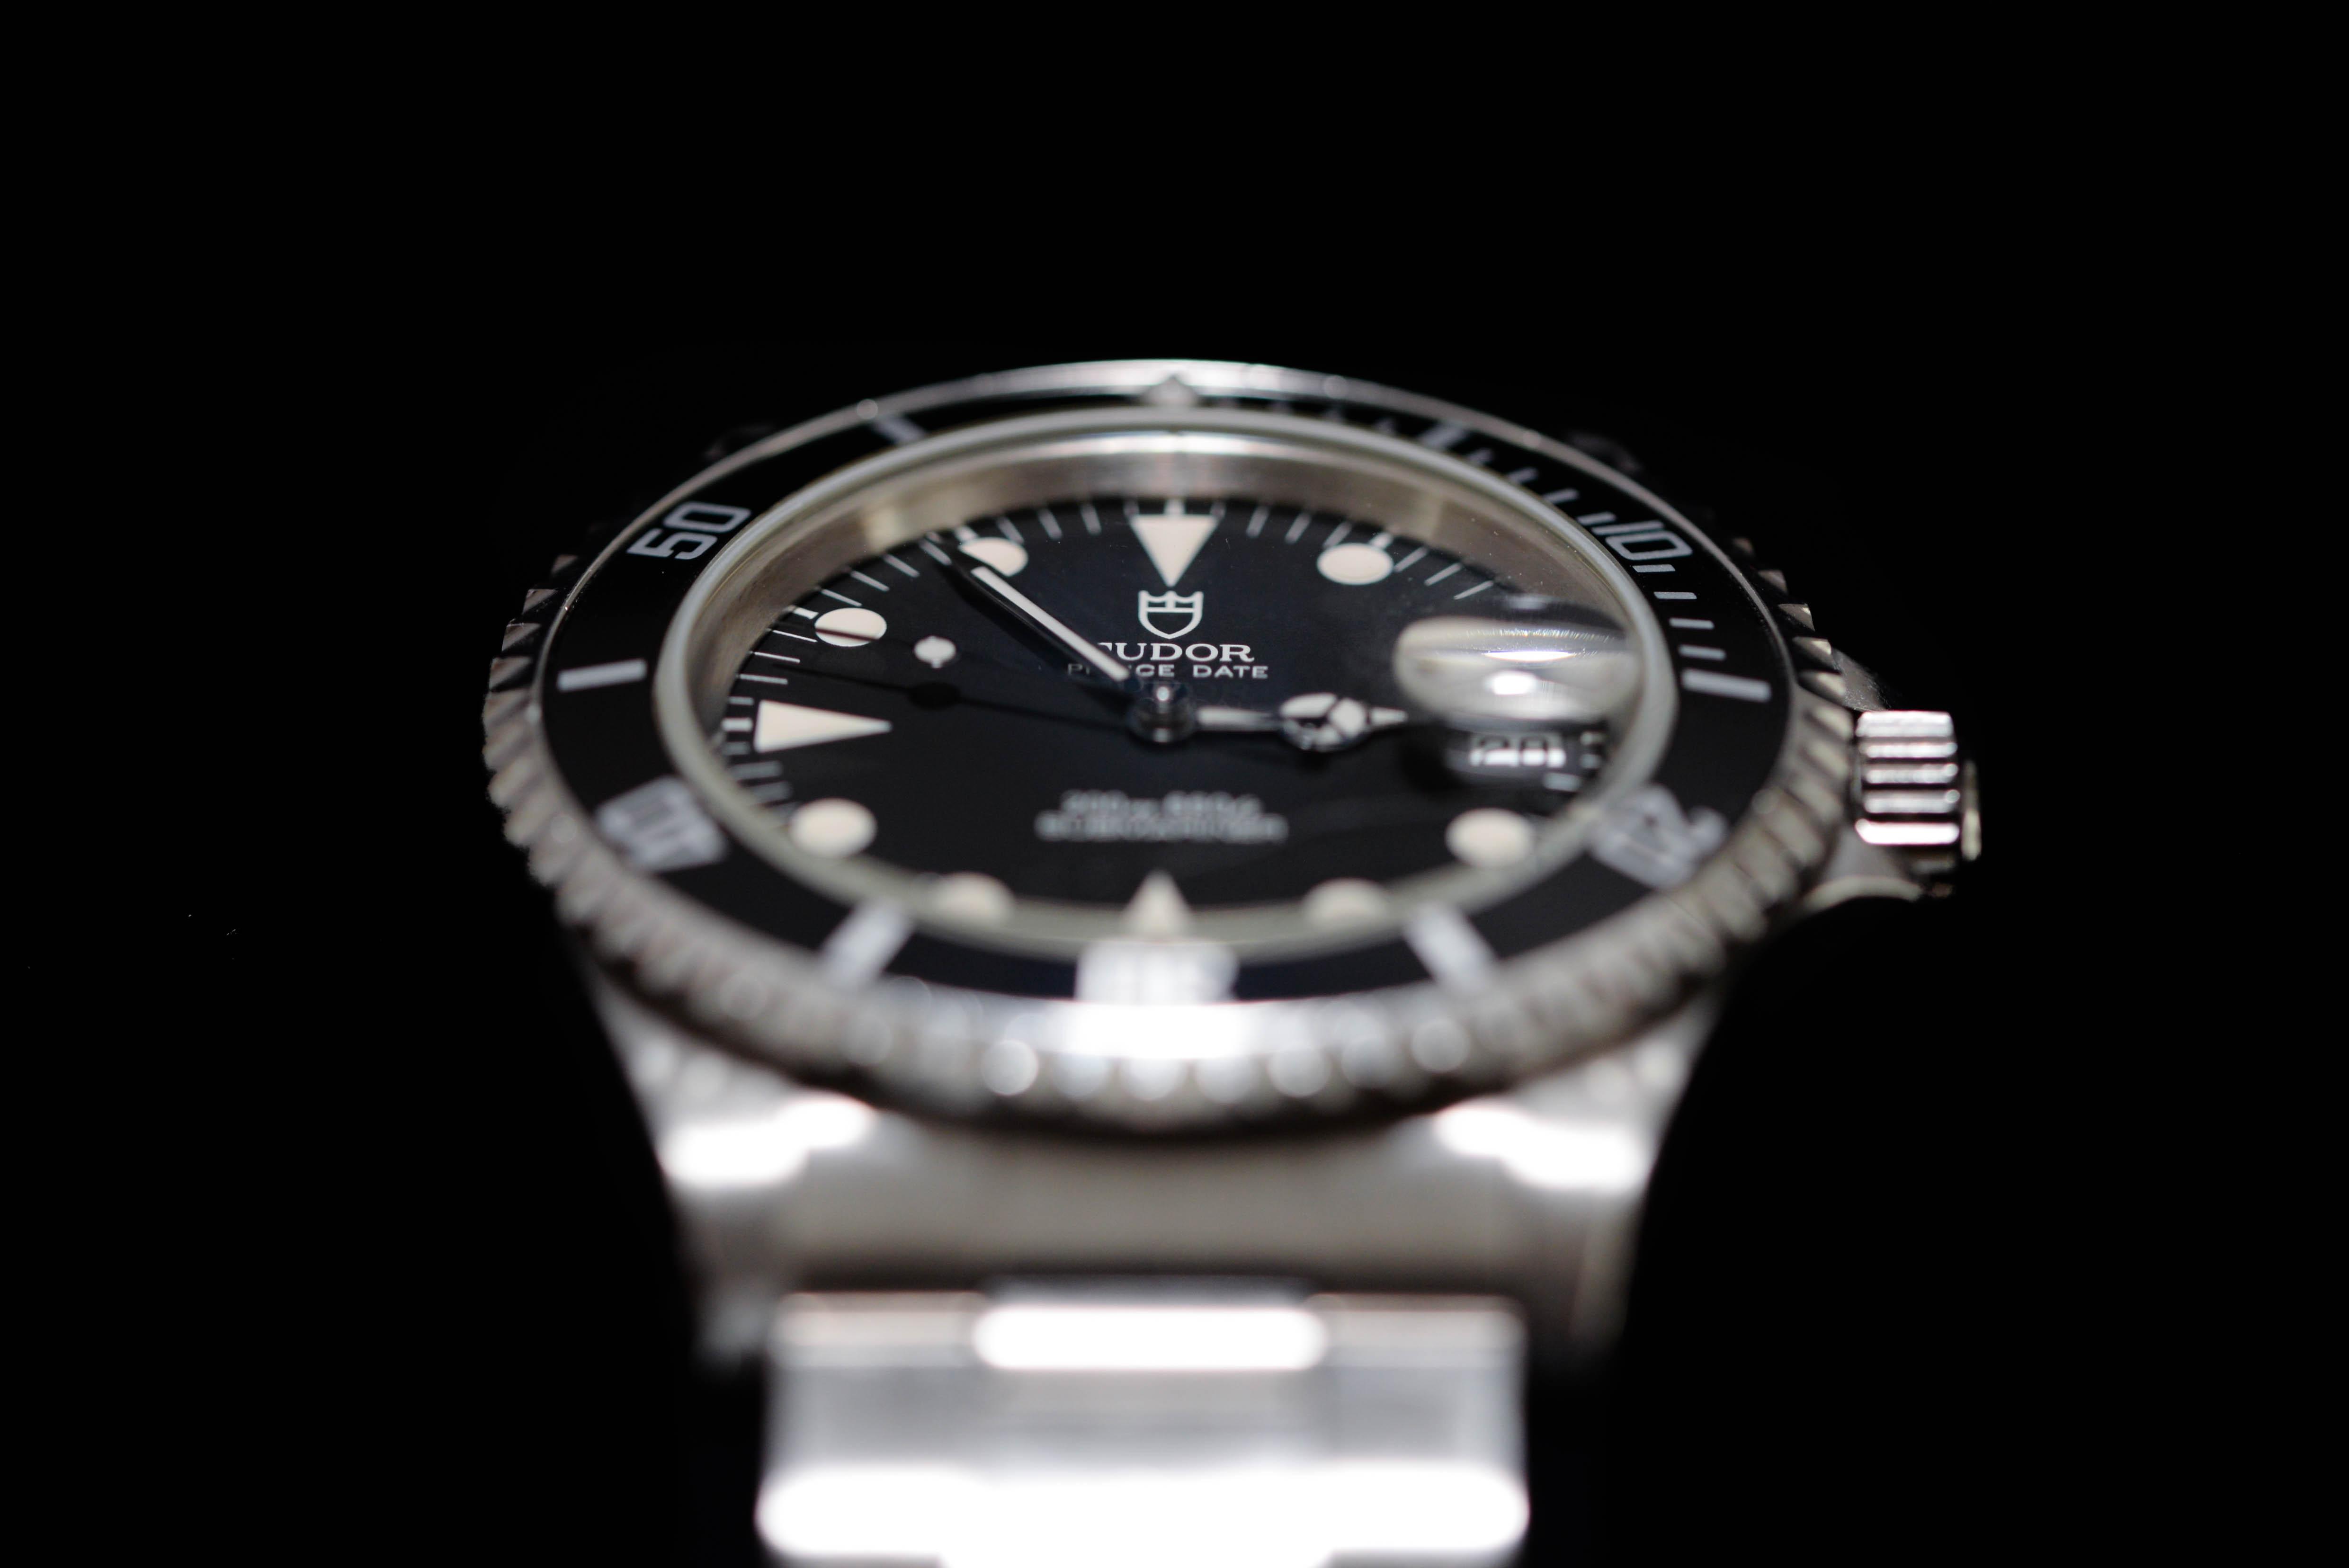 革ベルト以外の腕時計の購入を検討しました